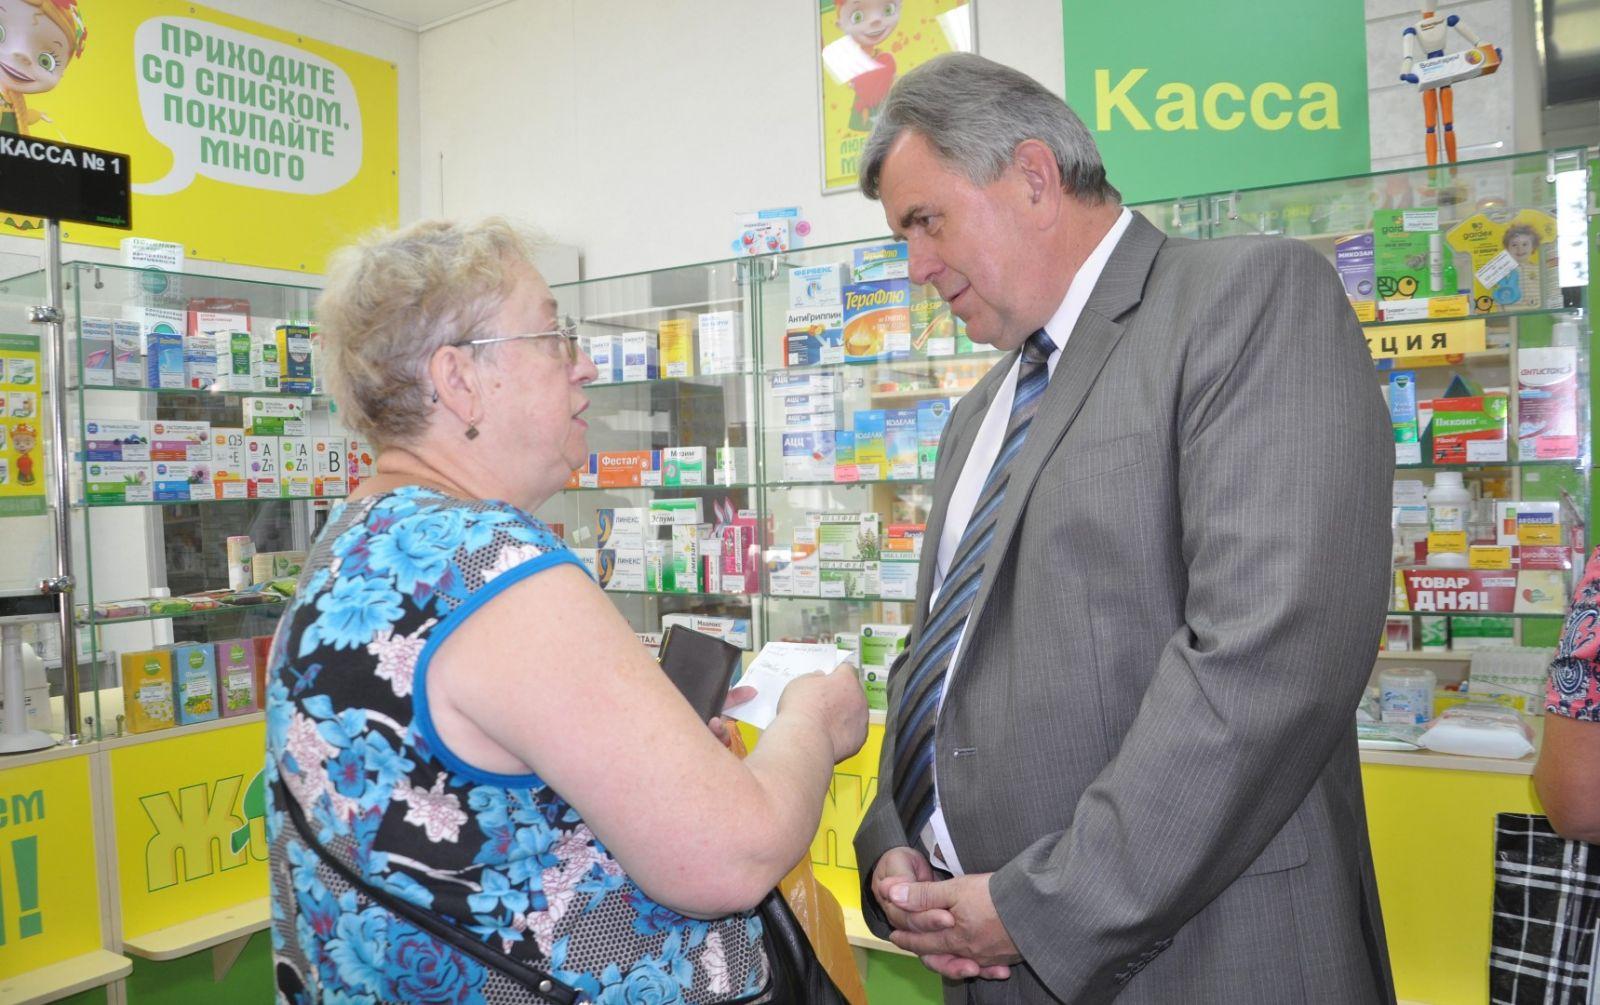 Сергей Ястребов устроил рейд по ярославским аптекам